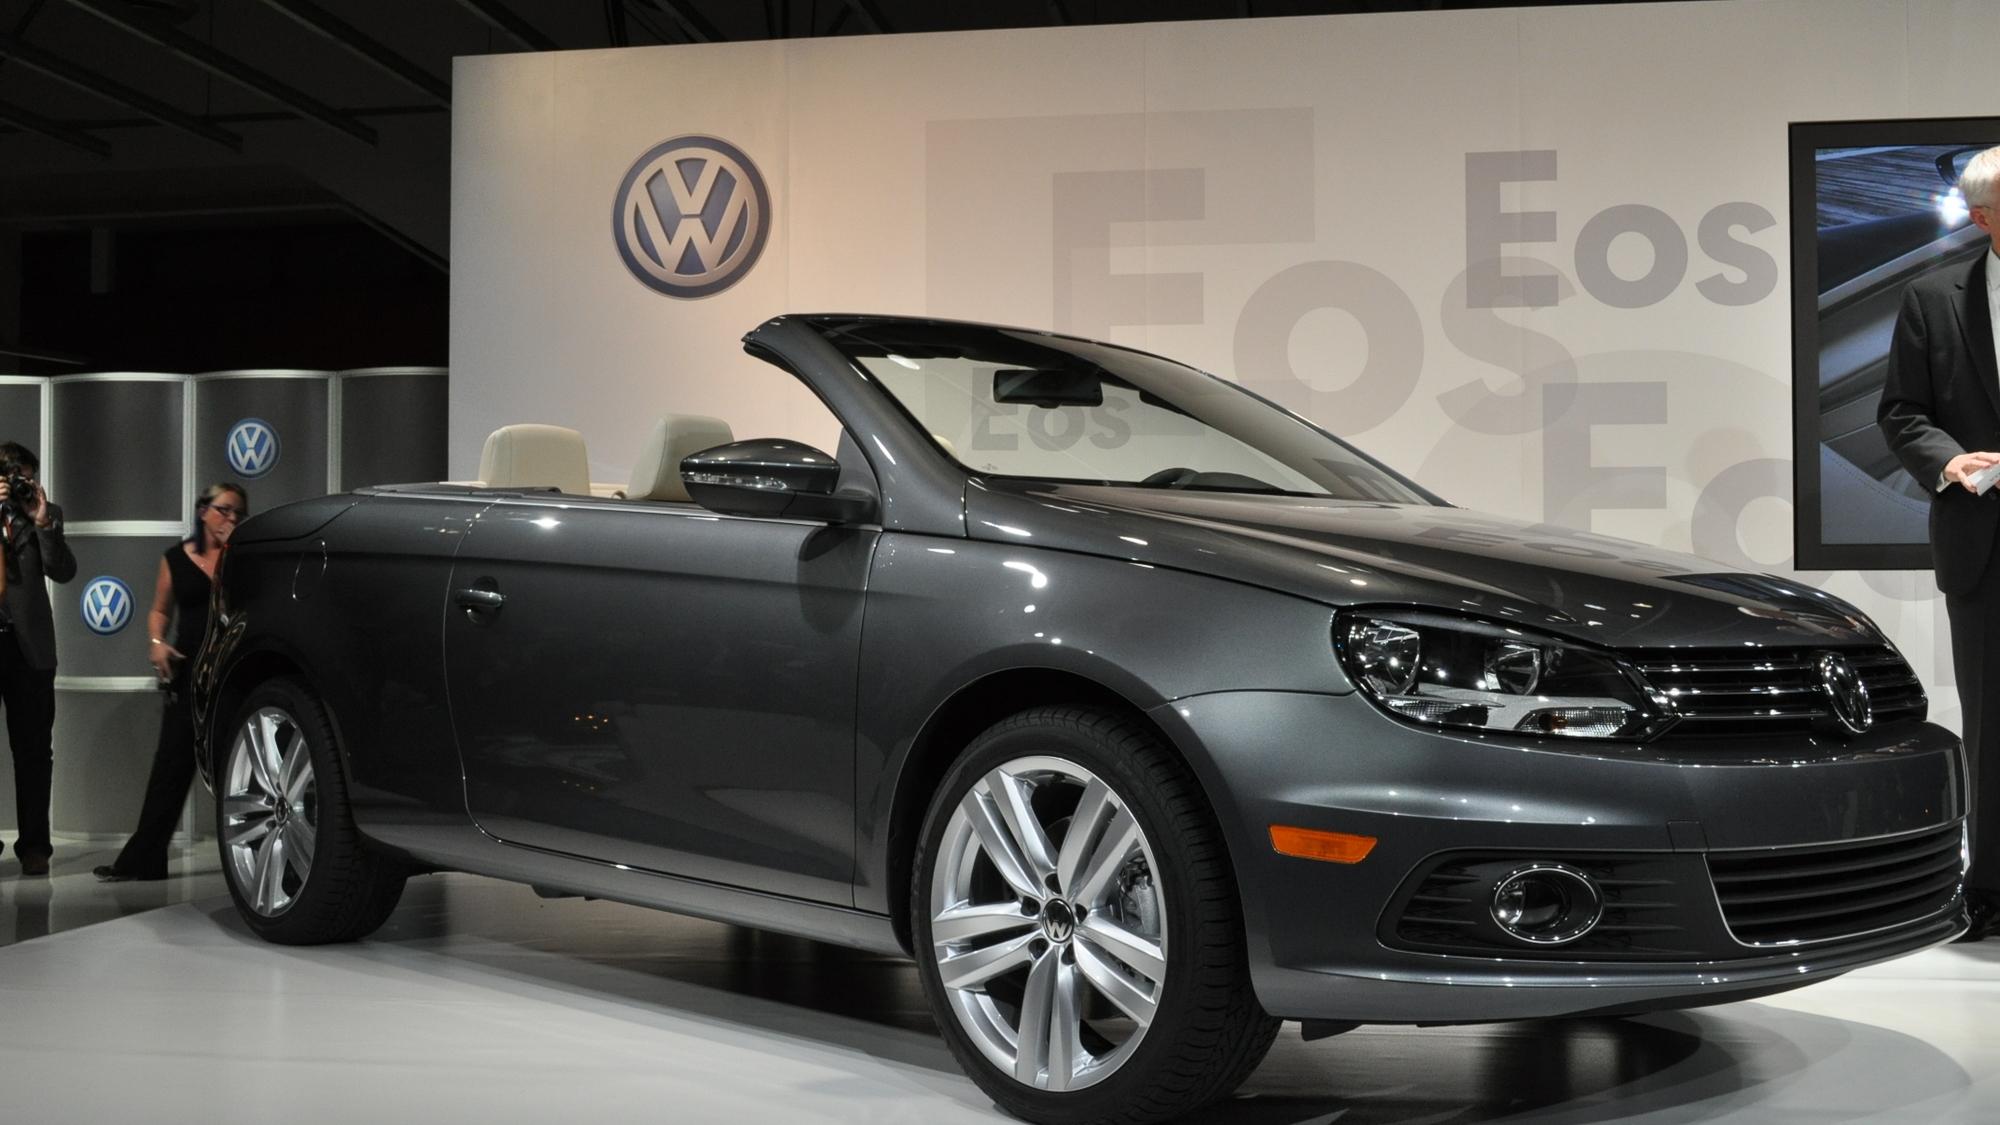 2012 Volkswagen Eos Reveal